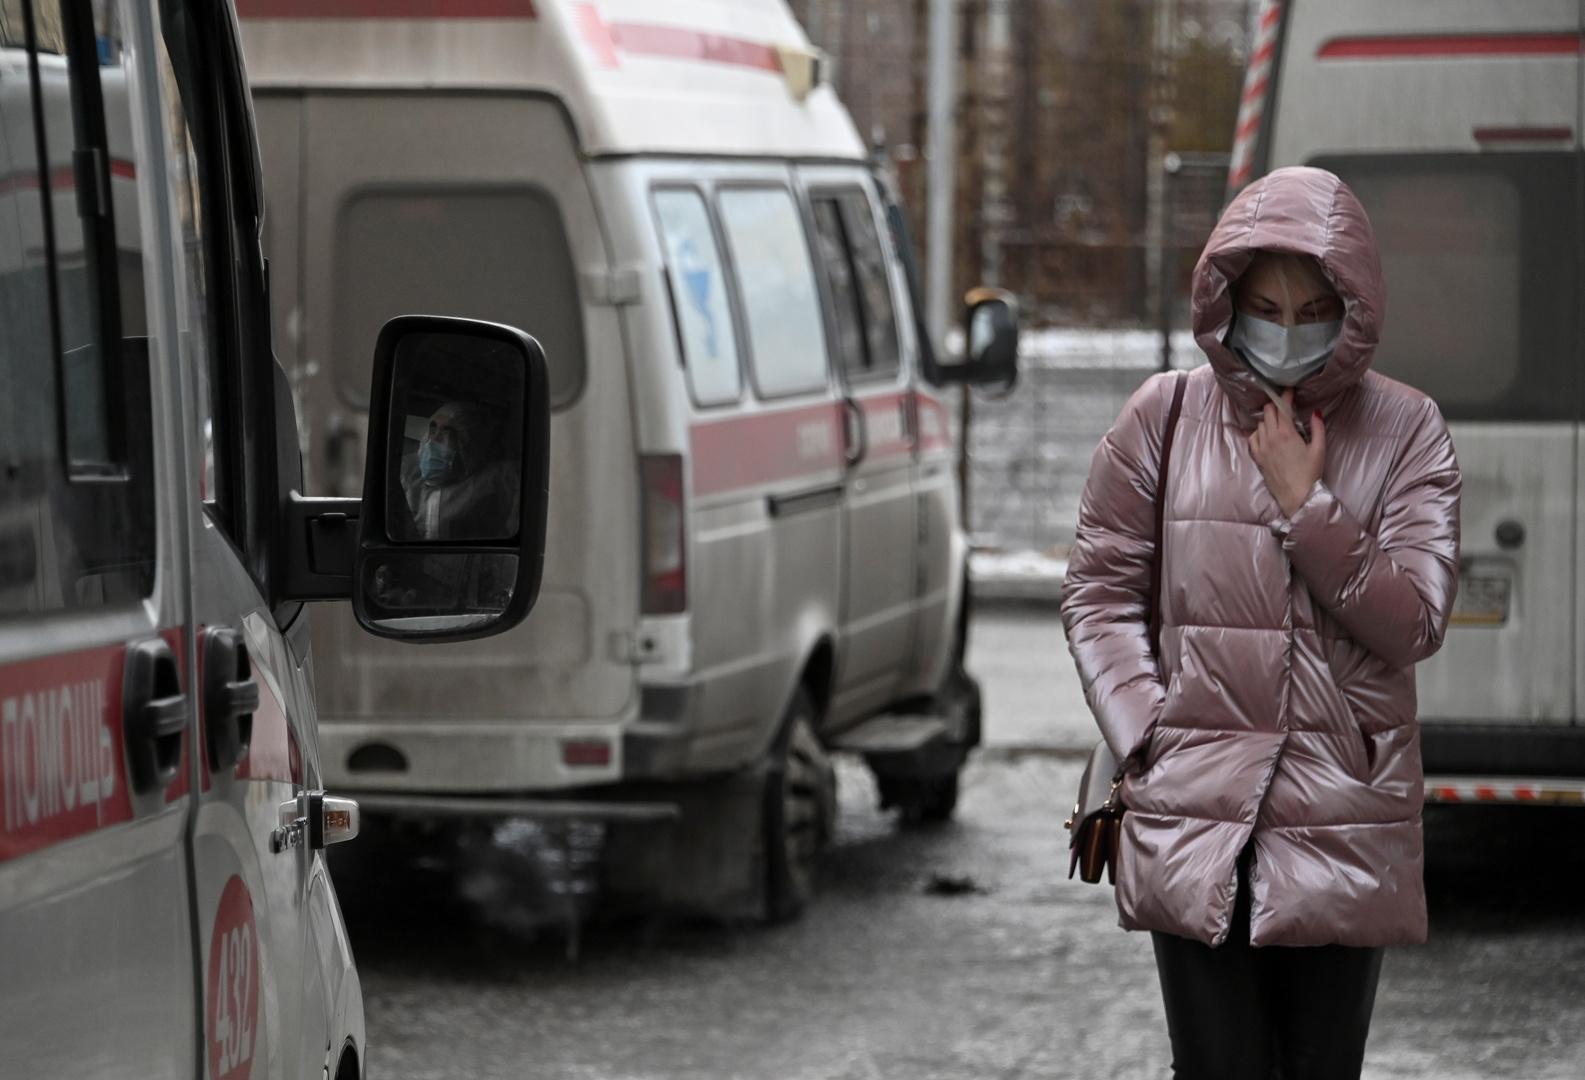 روسيا.. الإصابات اليومية بكورونا فوق الـ28 ألفا وقفزة غير مسبوقة جديدة في الوفيات